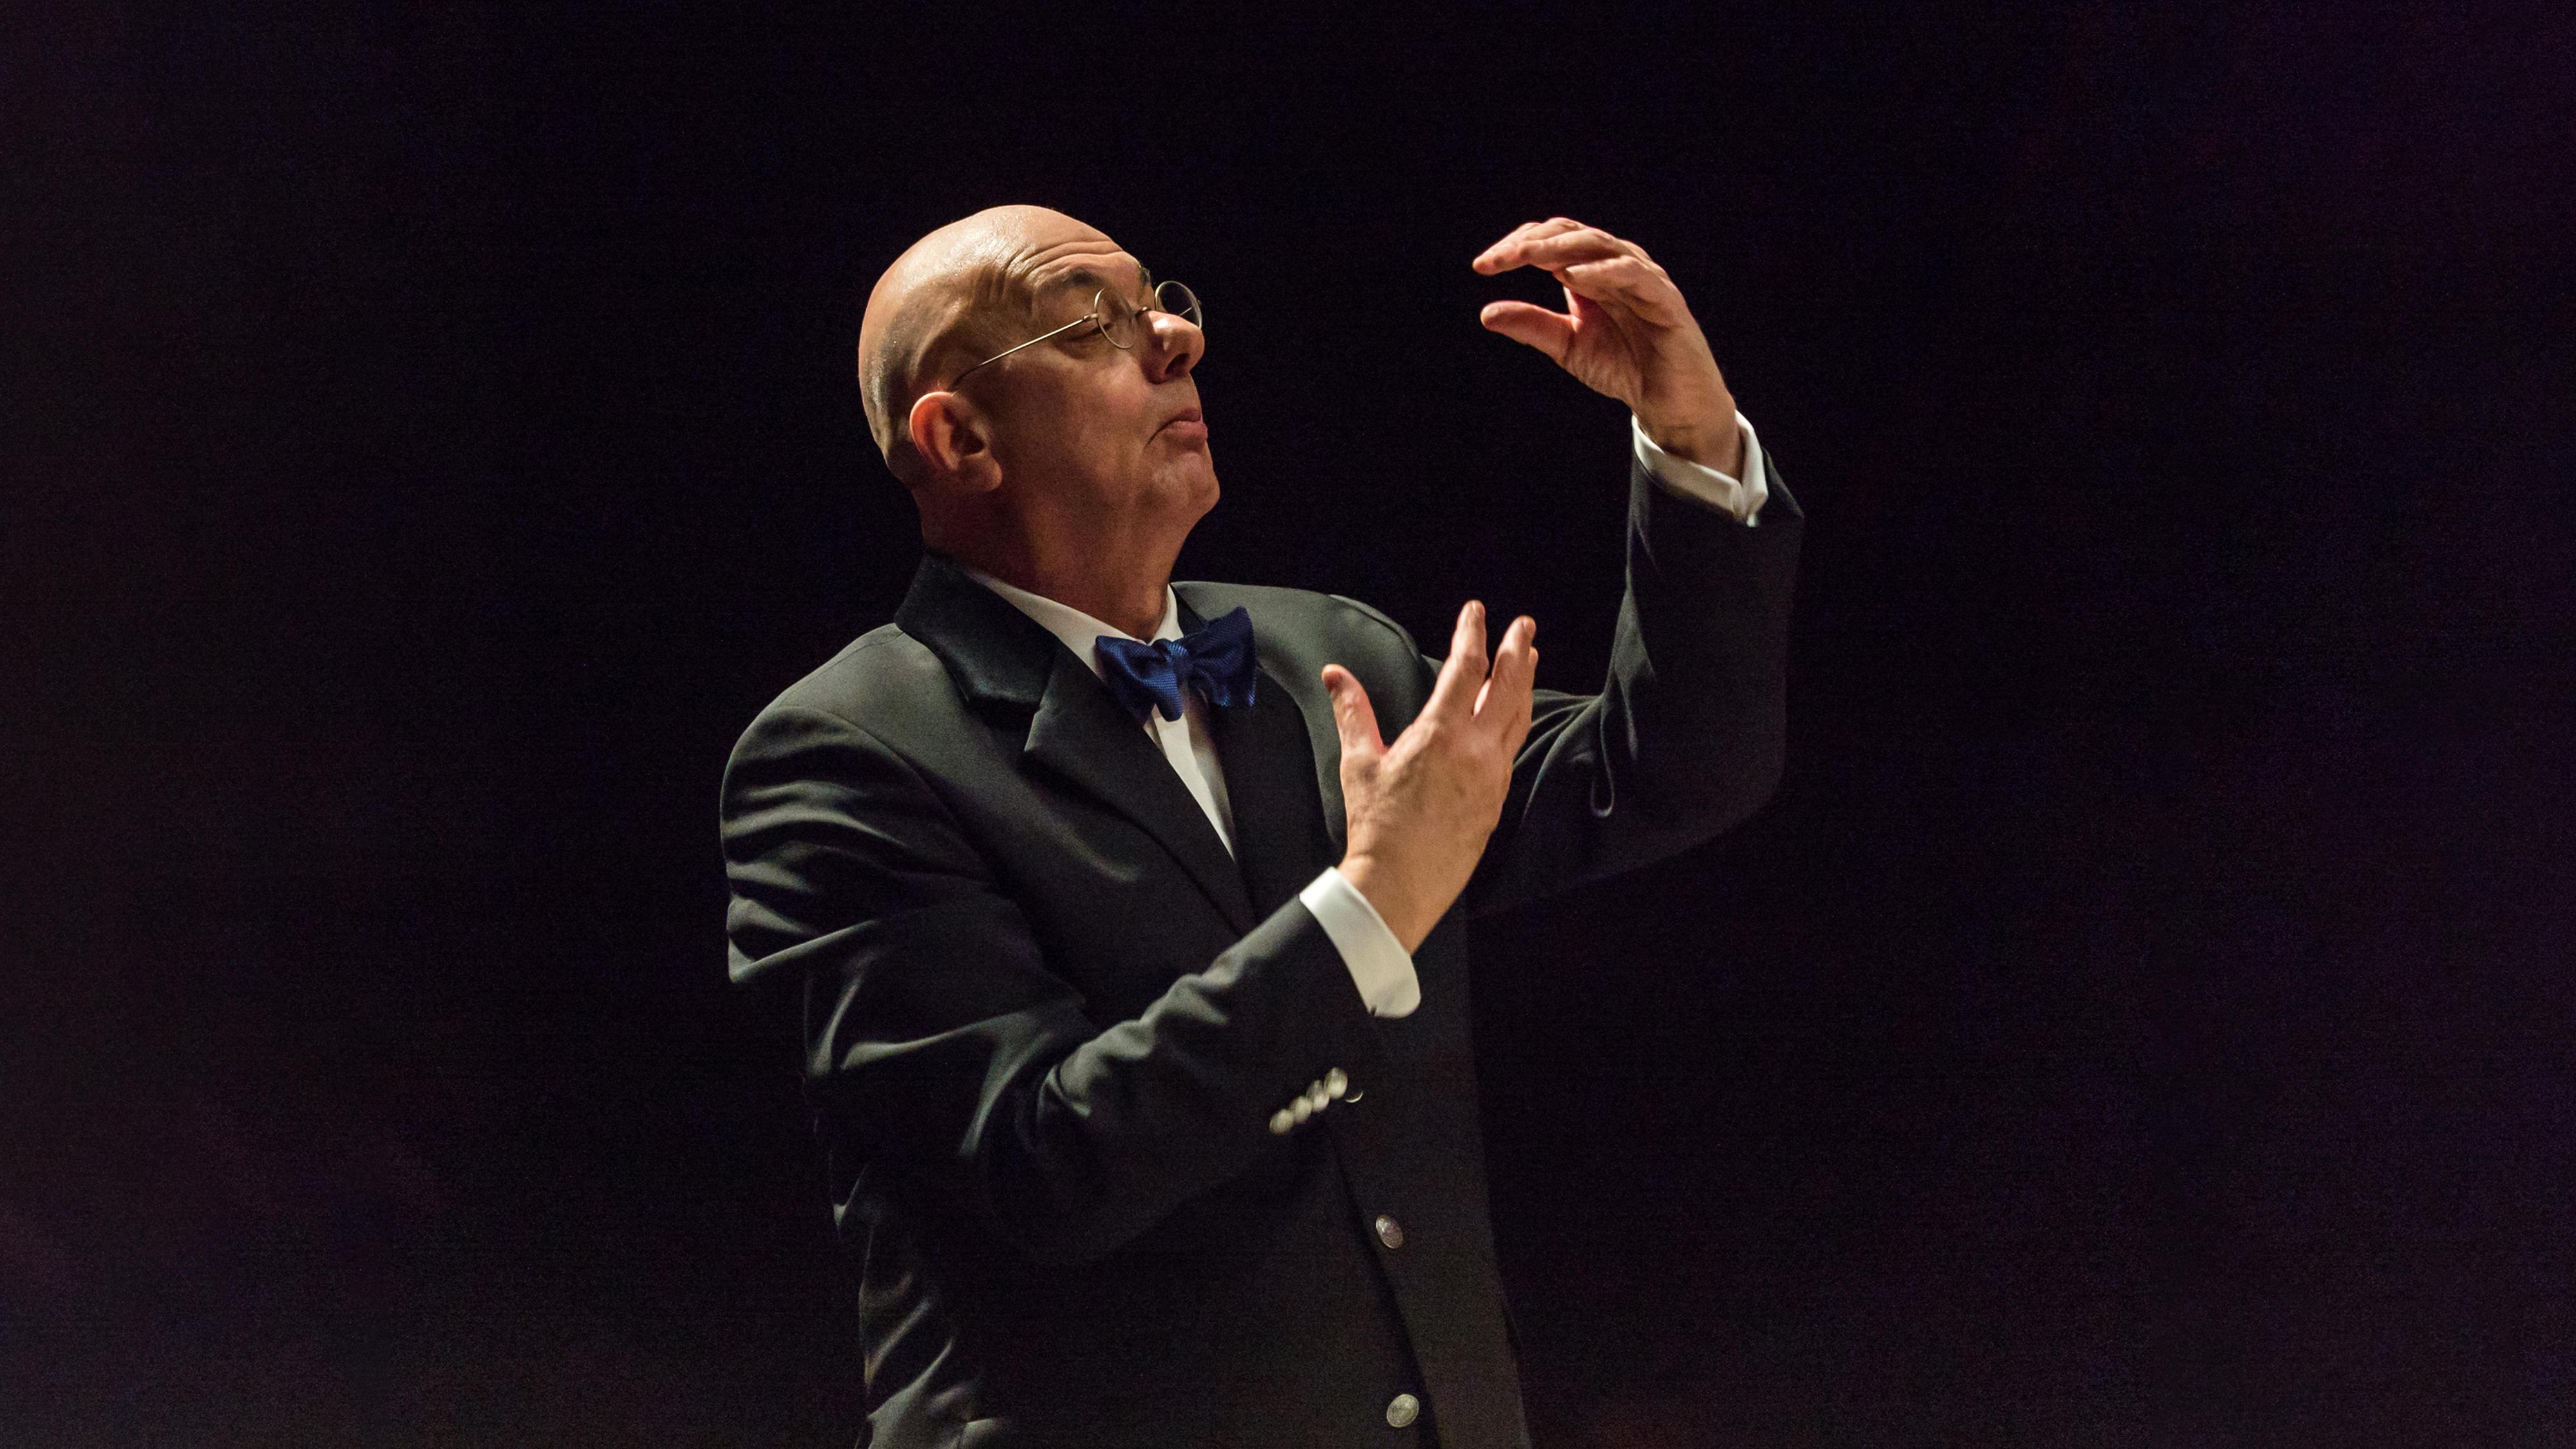 [Strauss'Merry Pranks &Bruckner's Fifth] Leon Botstein; photo by Matt Dine